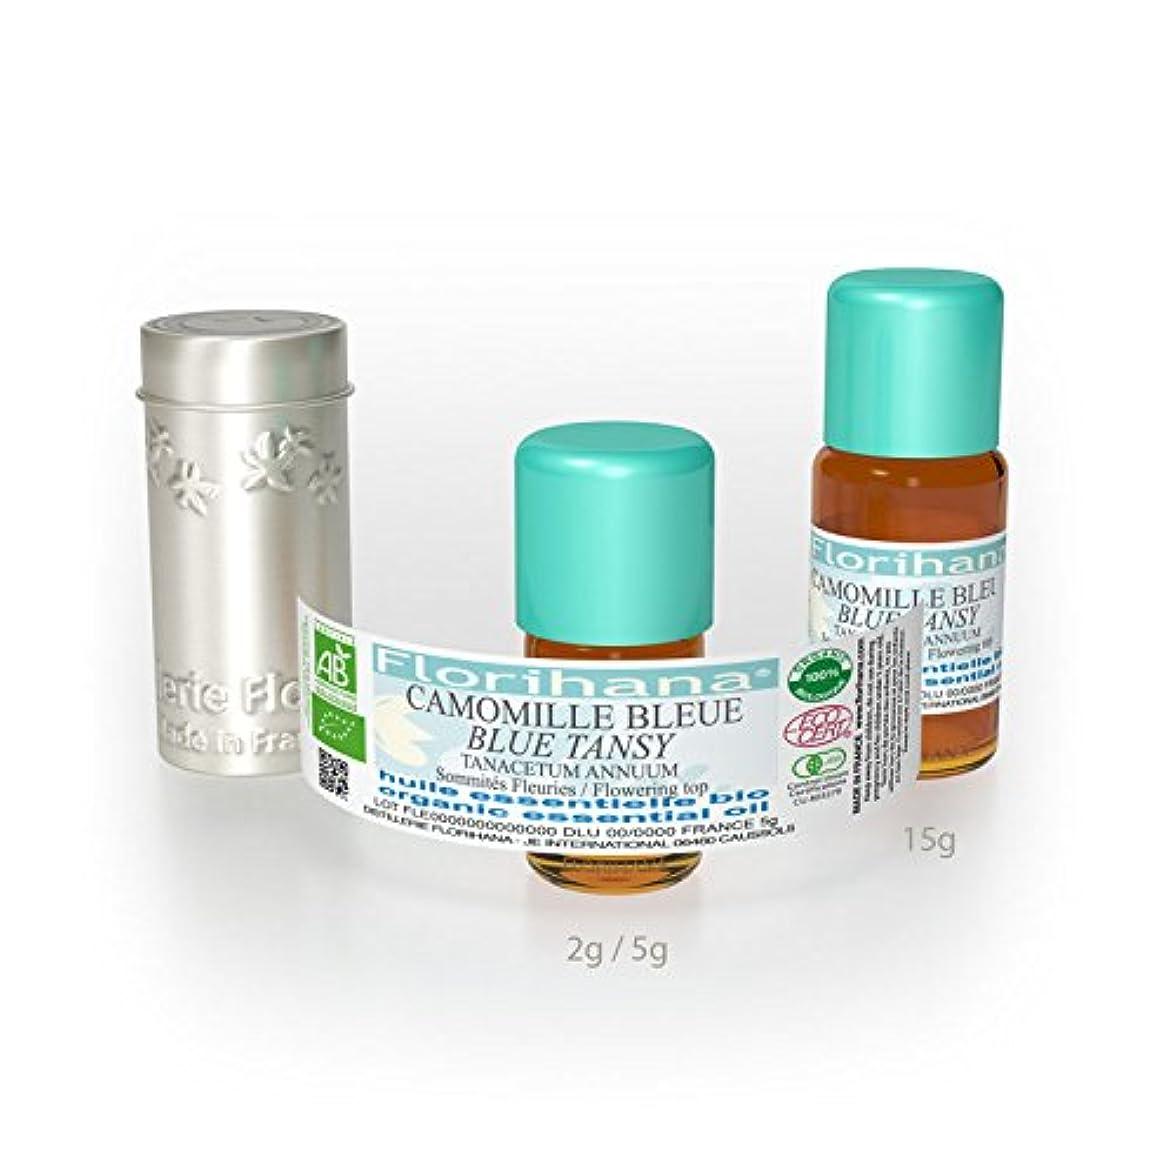 達成中央値癌オーガニック エッセンシャルオイル タナセタム ブルーカモミール 5g(5.6ml)